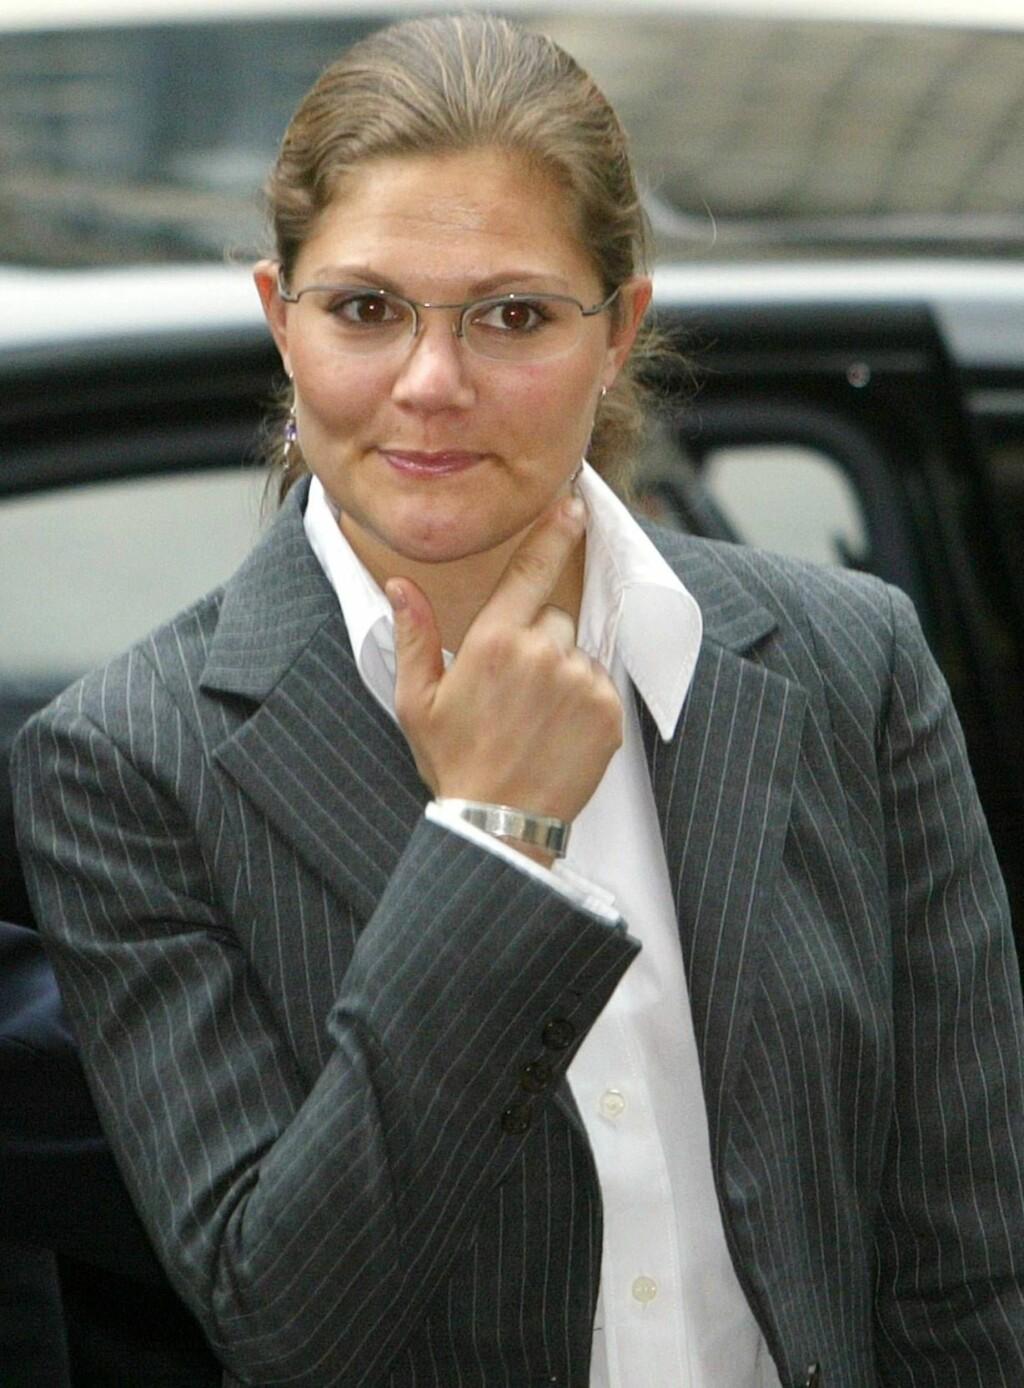 PEKEFINGER: Victoria har bedt kjæresten om å oppføre seg mer dannet - i trafikken. Foto: AP/SCANPIX